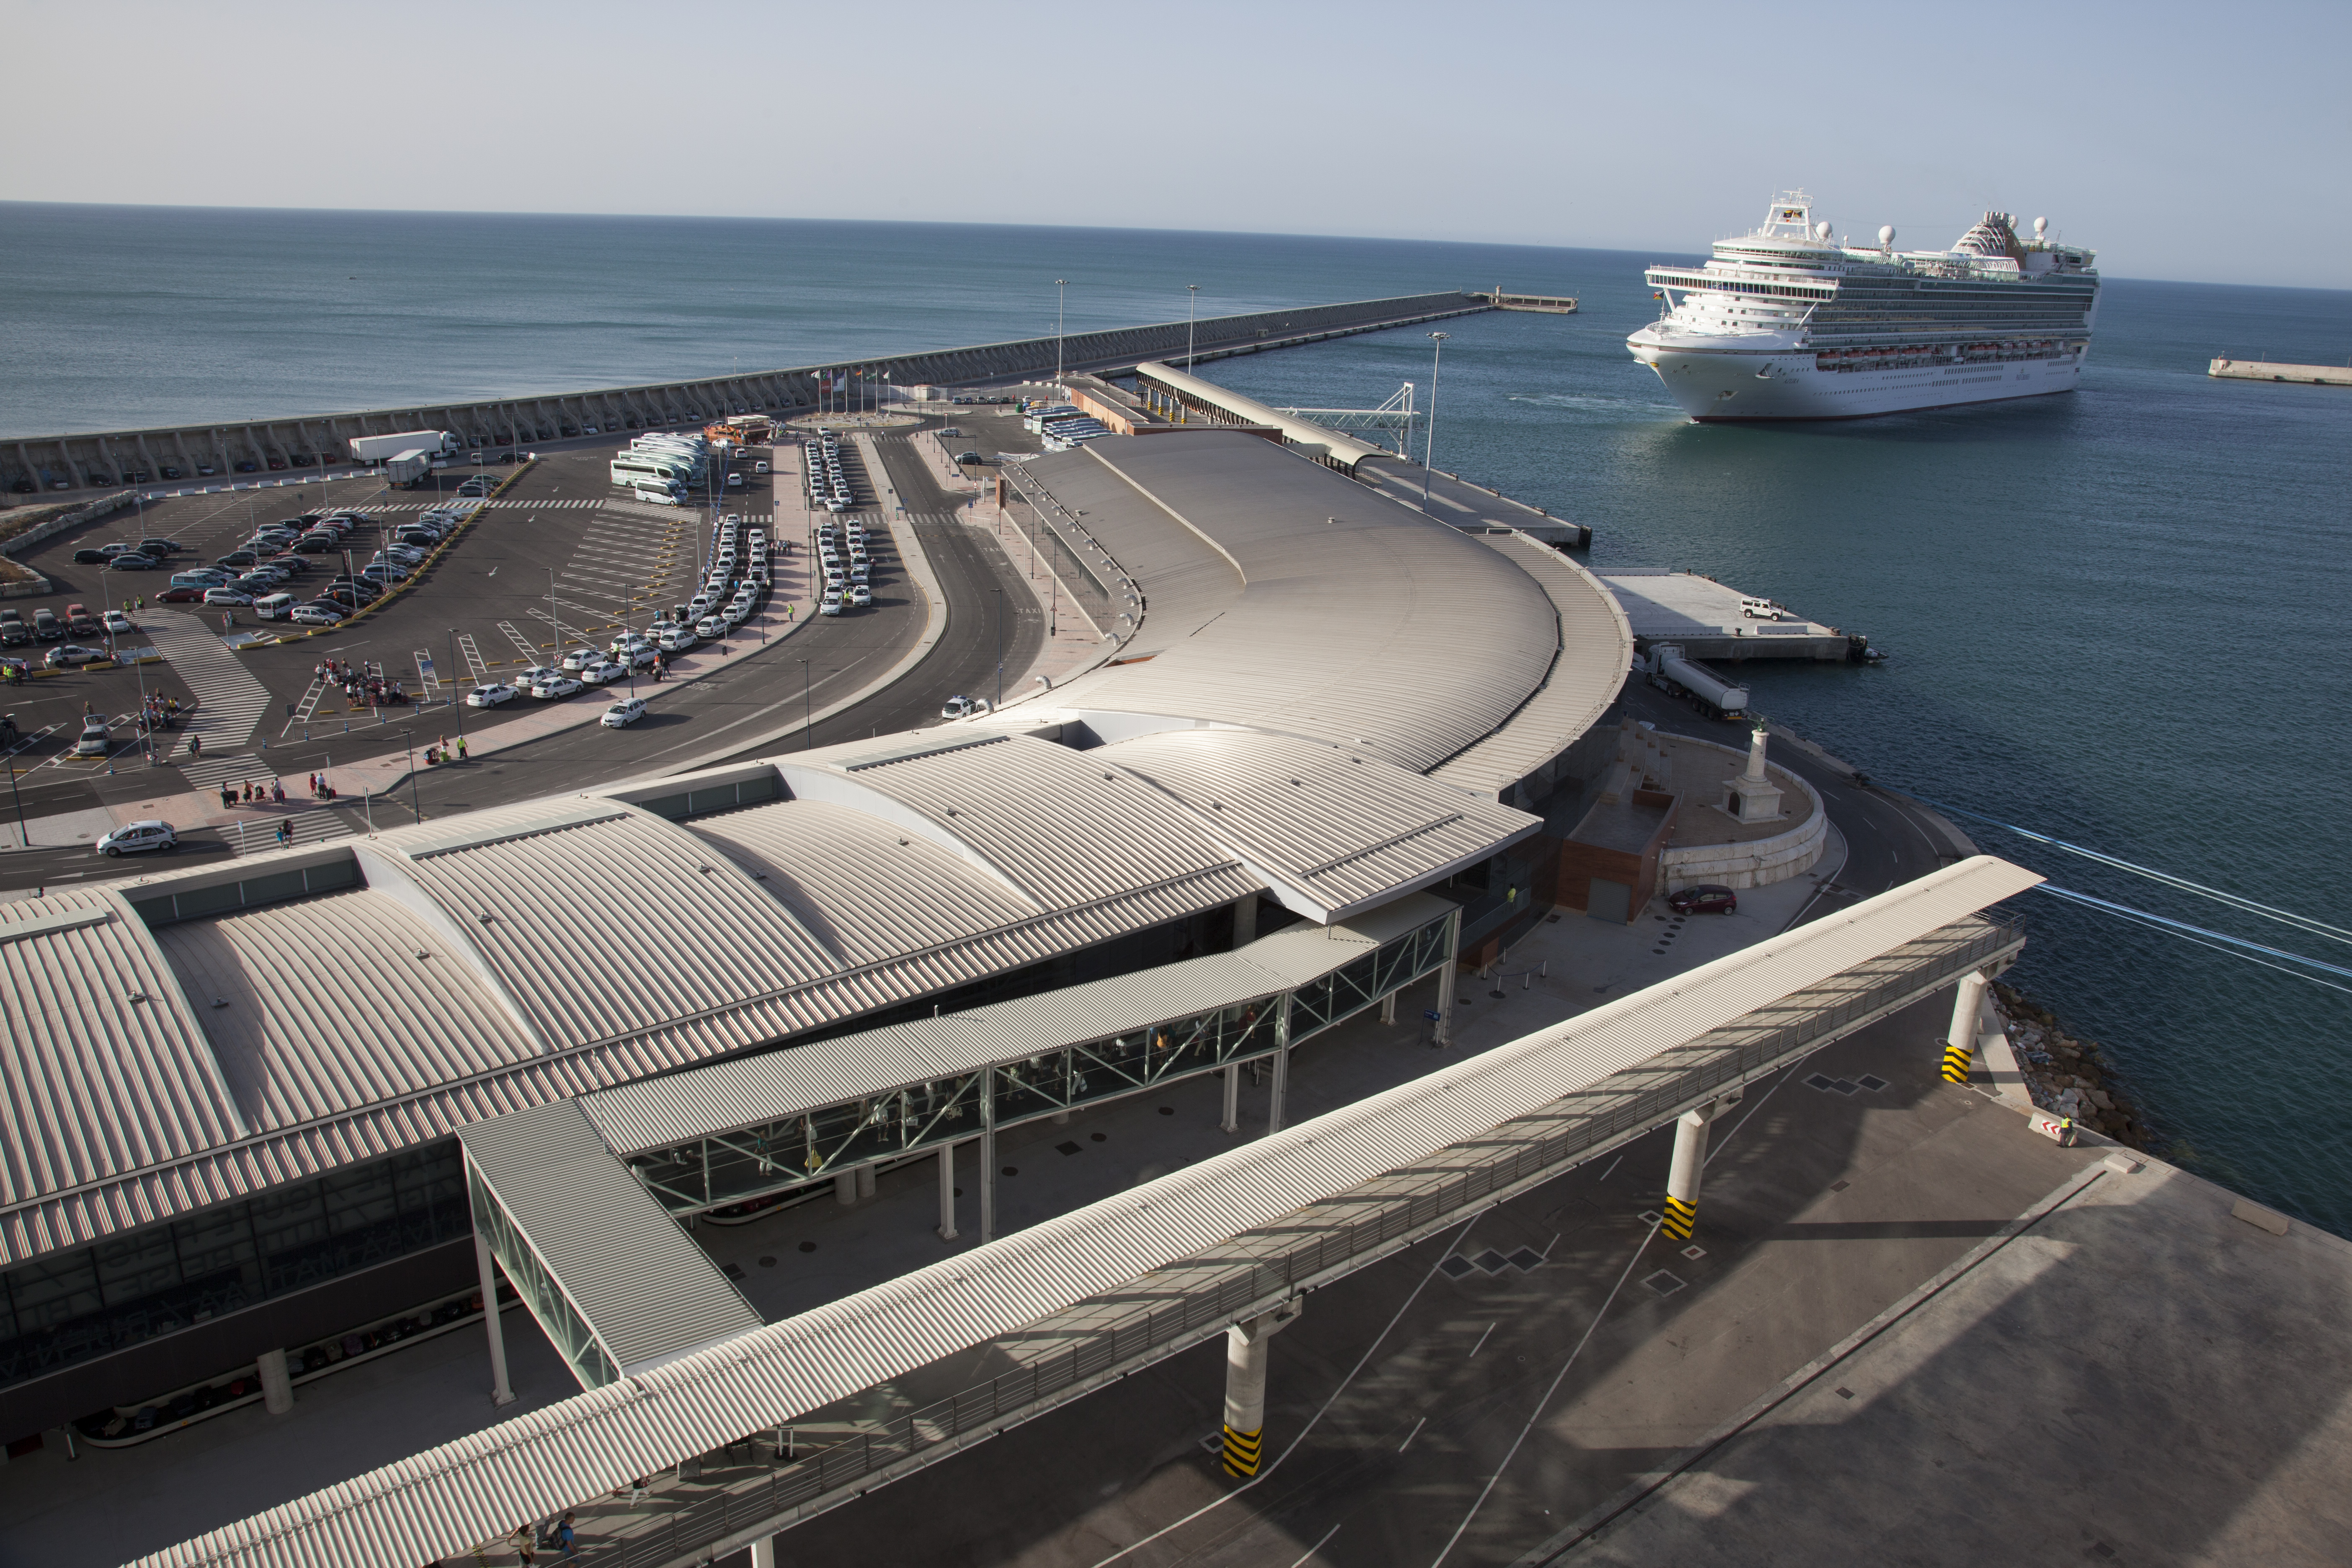 Las terminales de crucero de Málaga Cruise Port se acreditan a nivel internacional con infraestructuras seguras ante el Covid-19